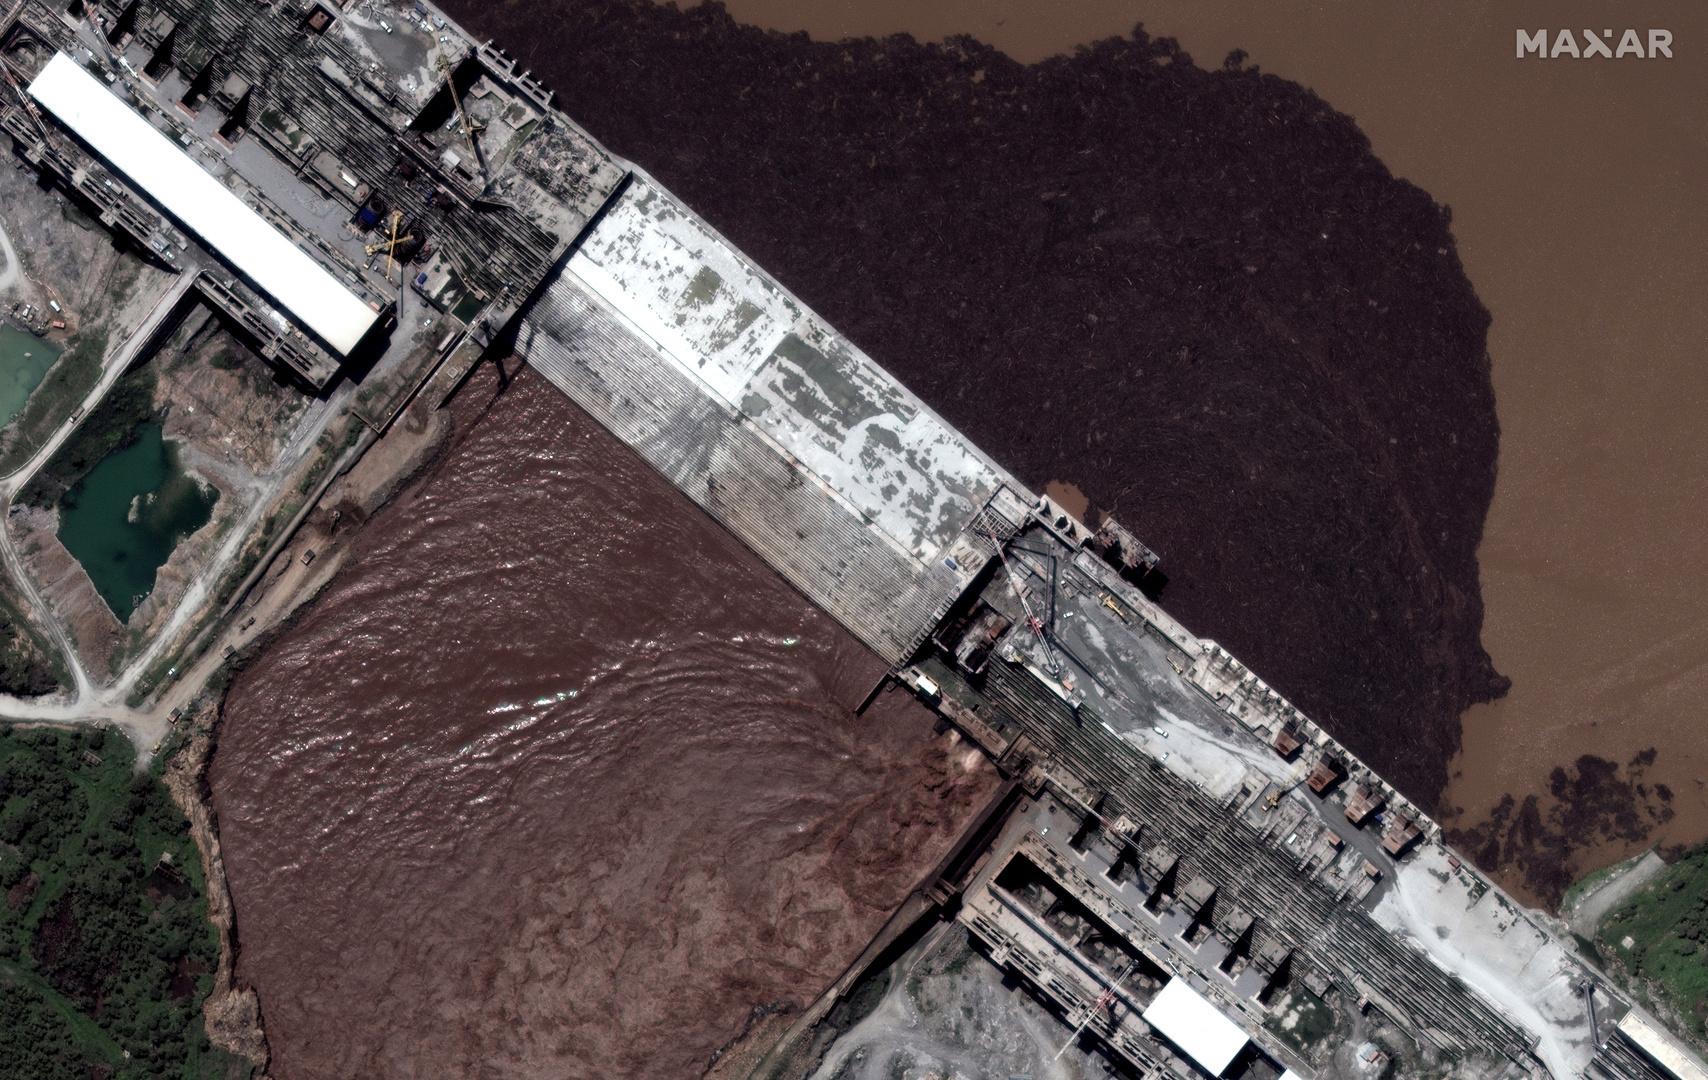 مصر تحذر مجلس الأمن من تهديد كبير بسبب سد النهضة